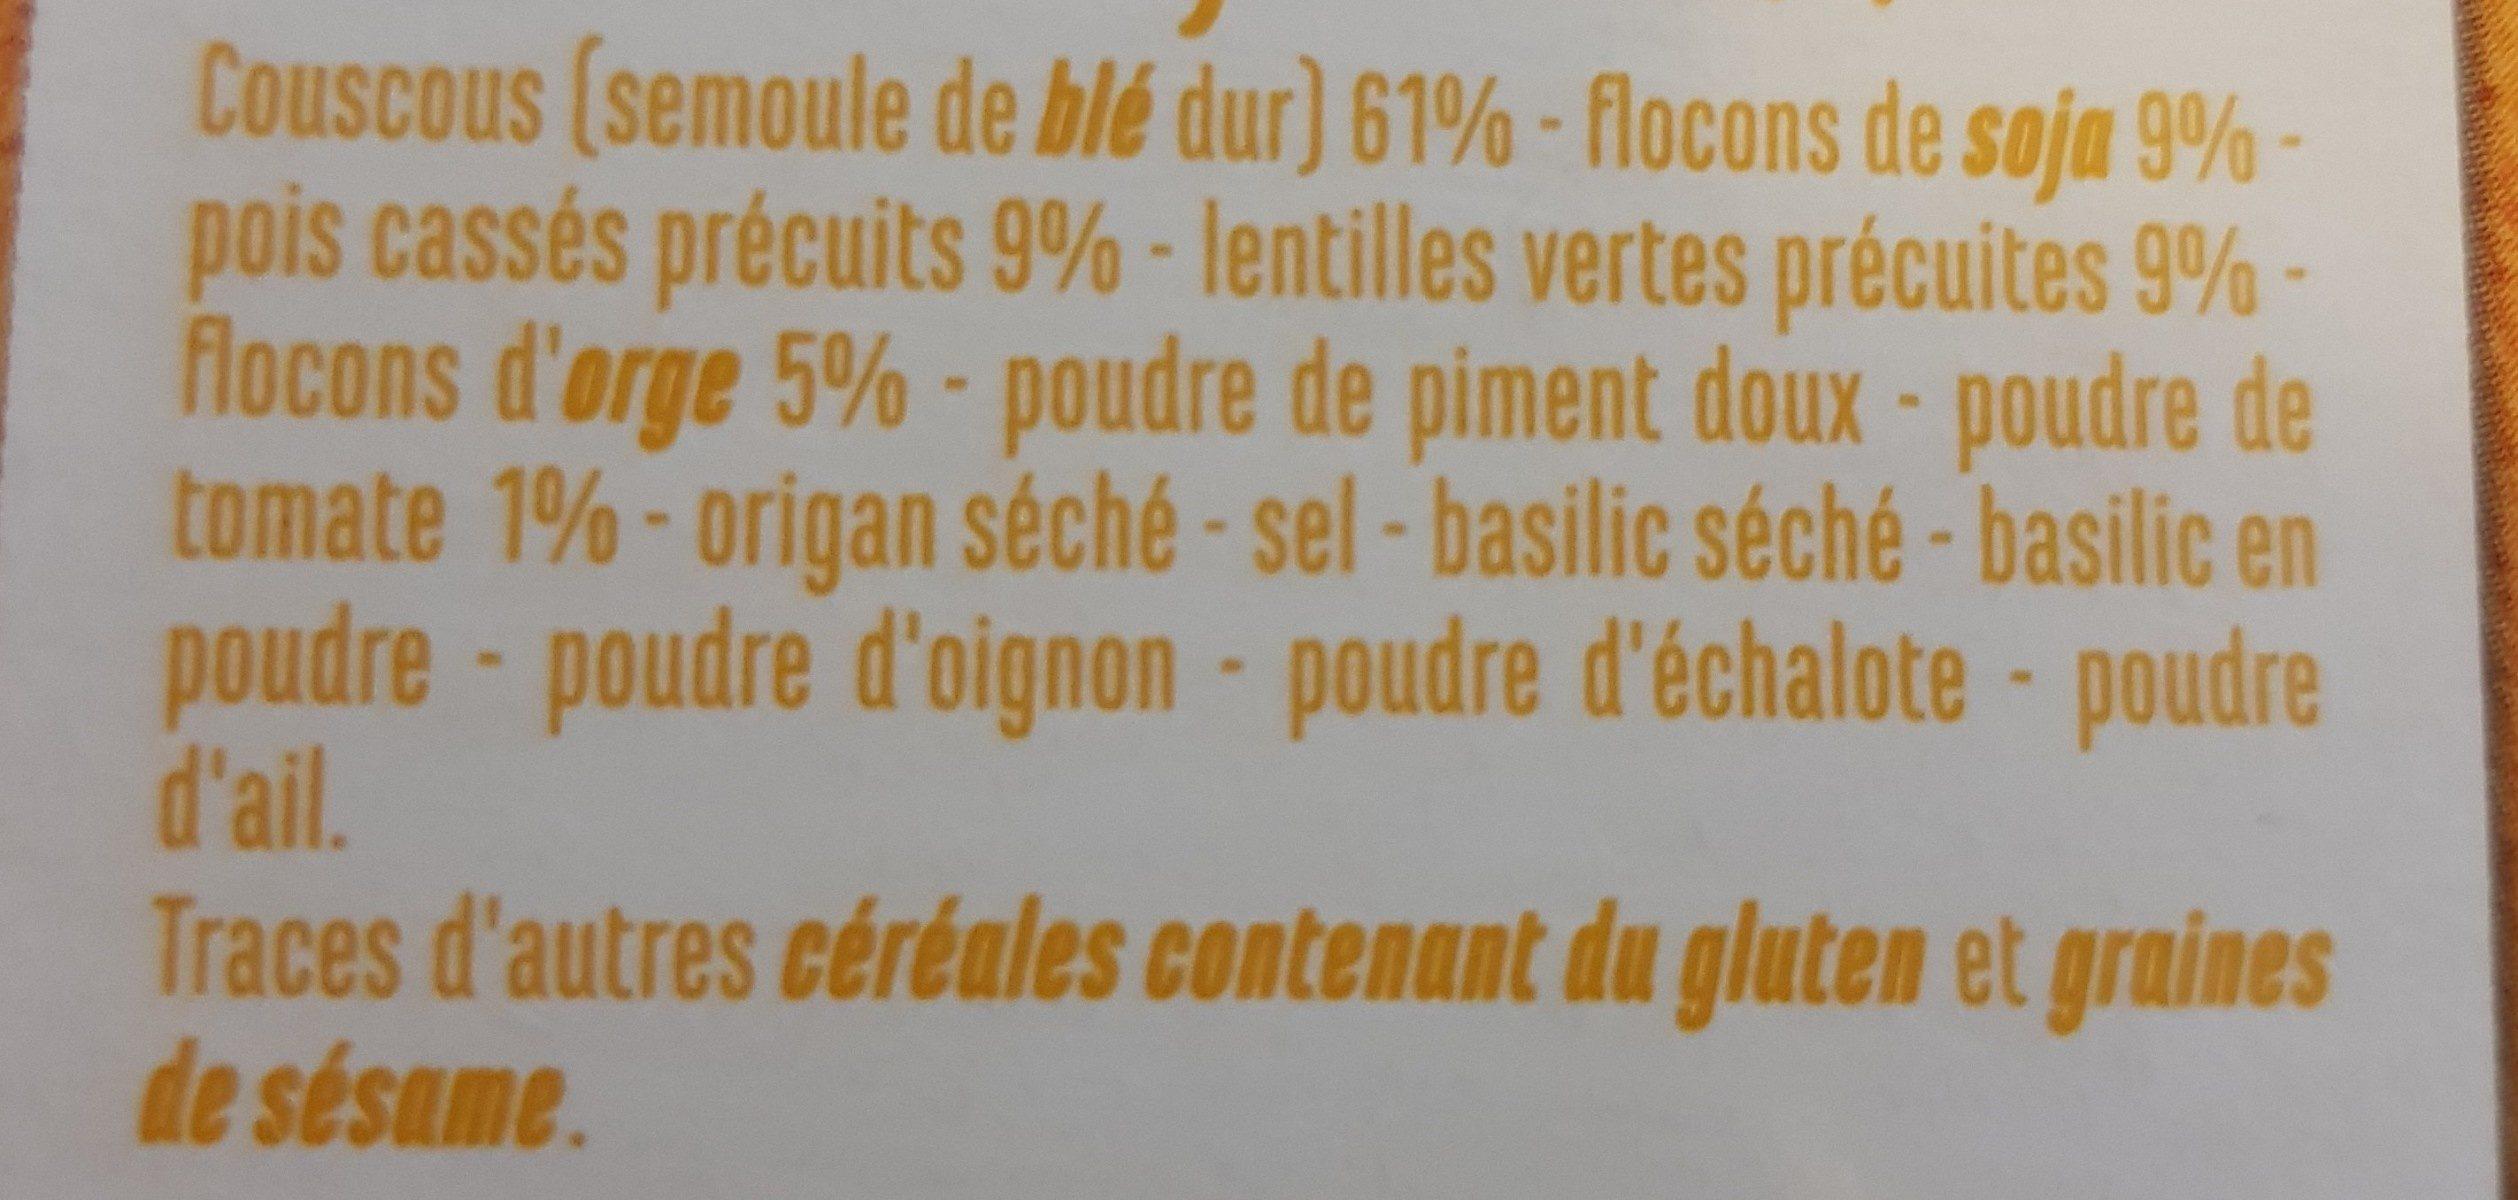 Couscous et Légumes Secs - Ingrédients